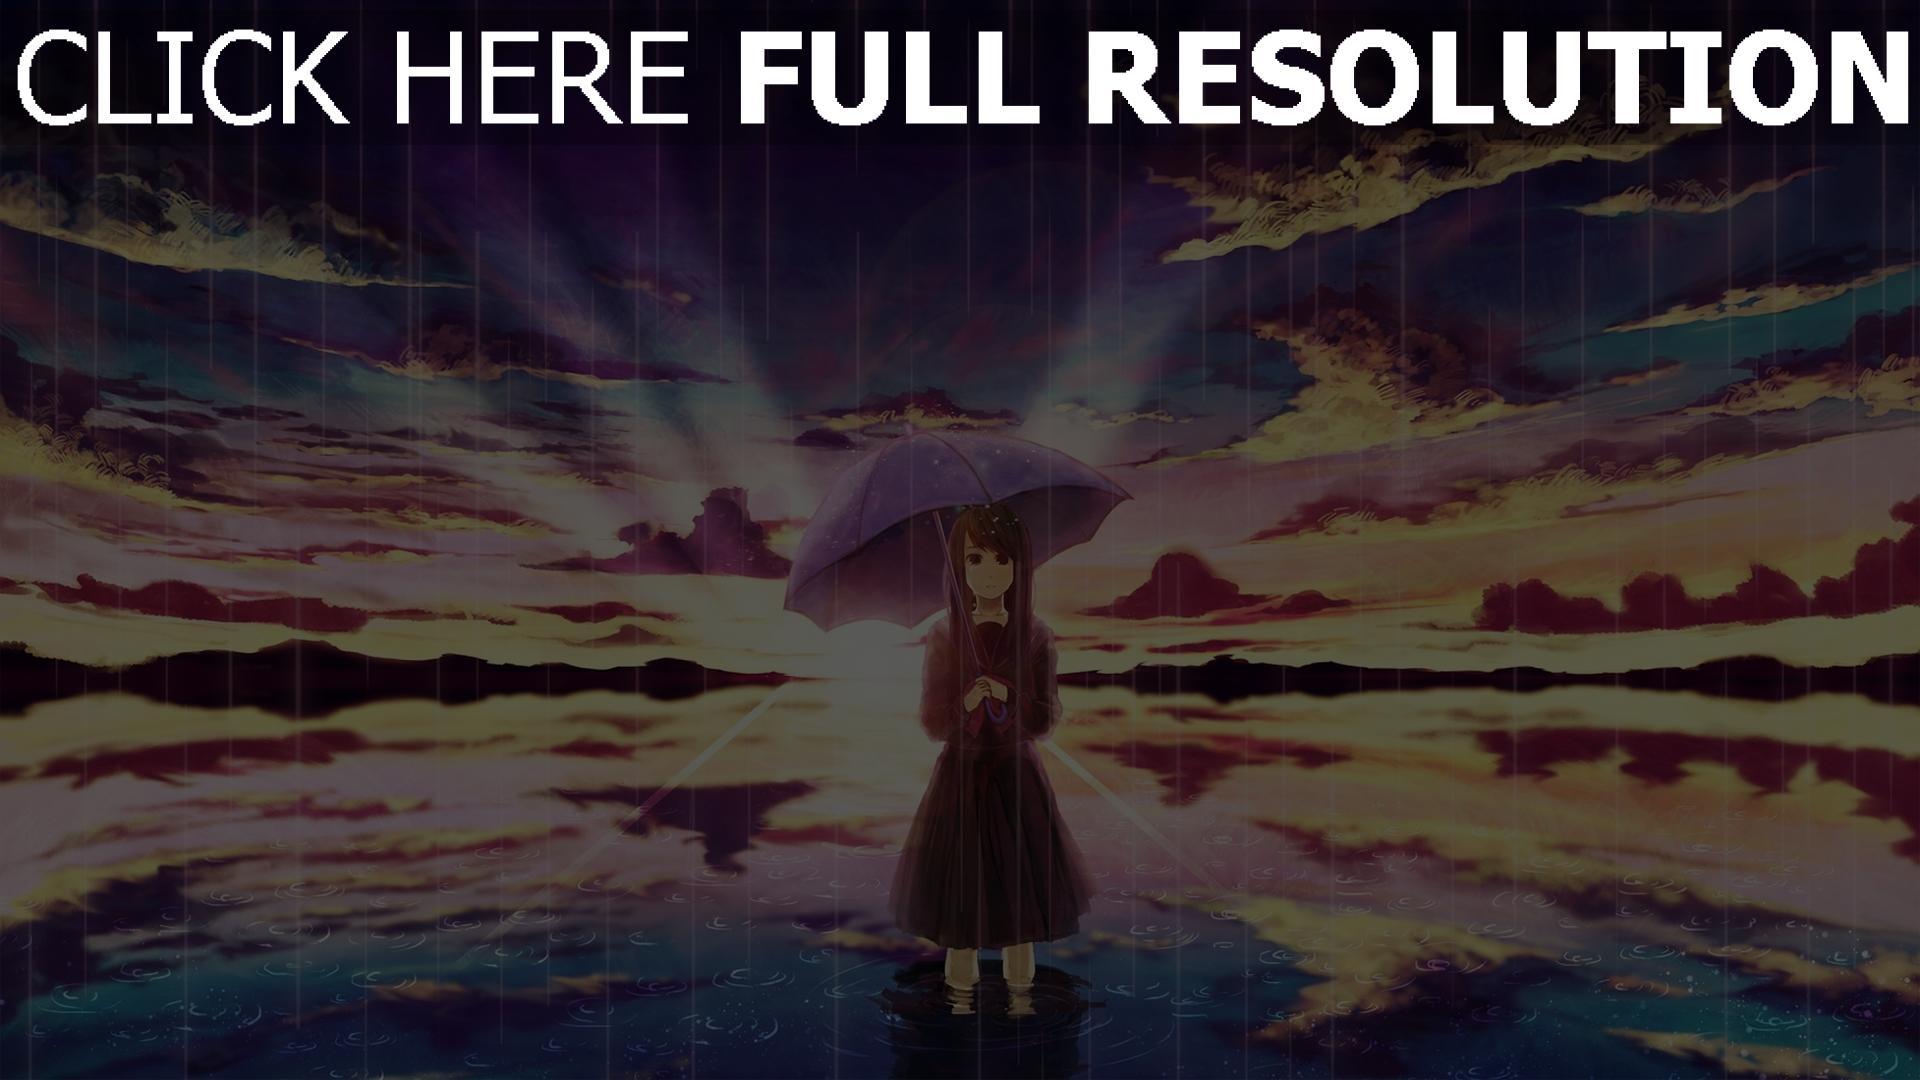 Hd Hintergrundbilder Mädchen Regen Regenschirm Meer Art Desktop